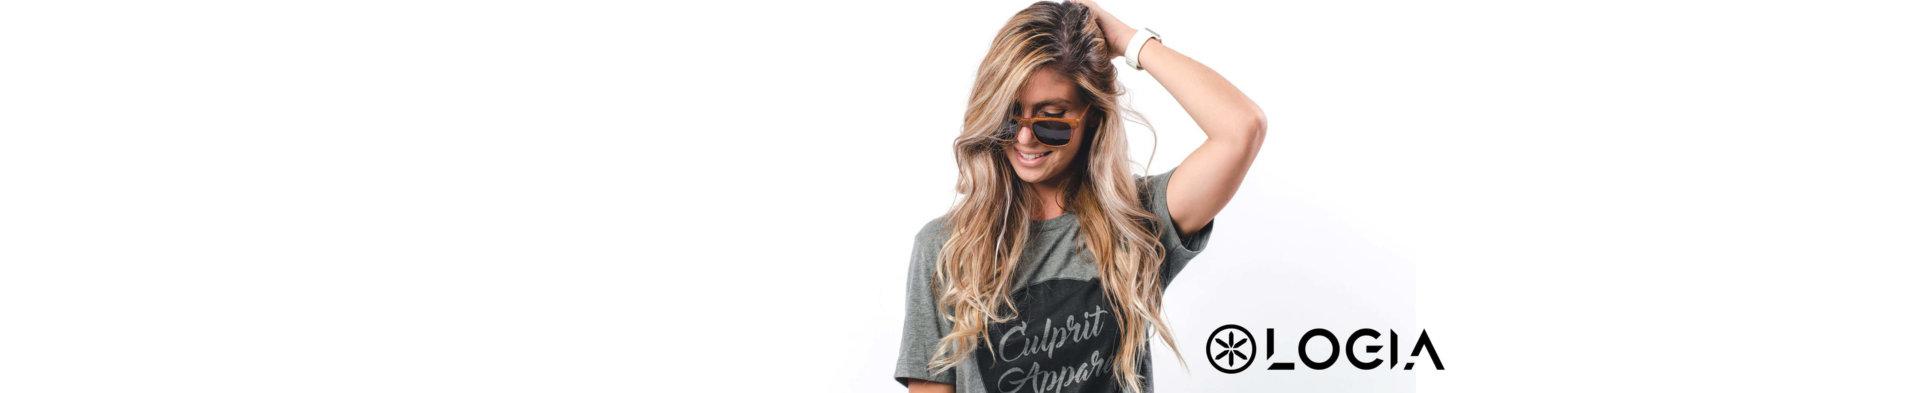 Gafas de sol Logia LifeStyle